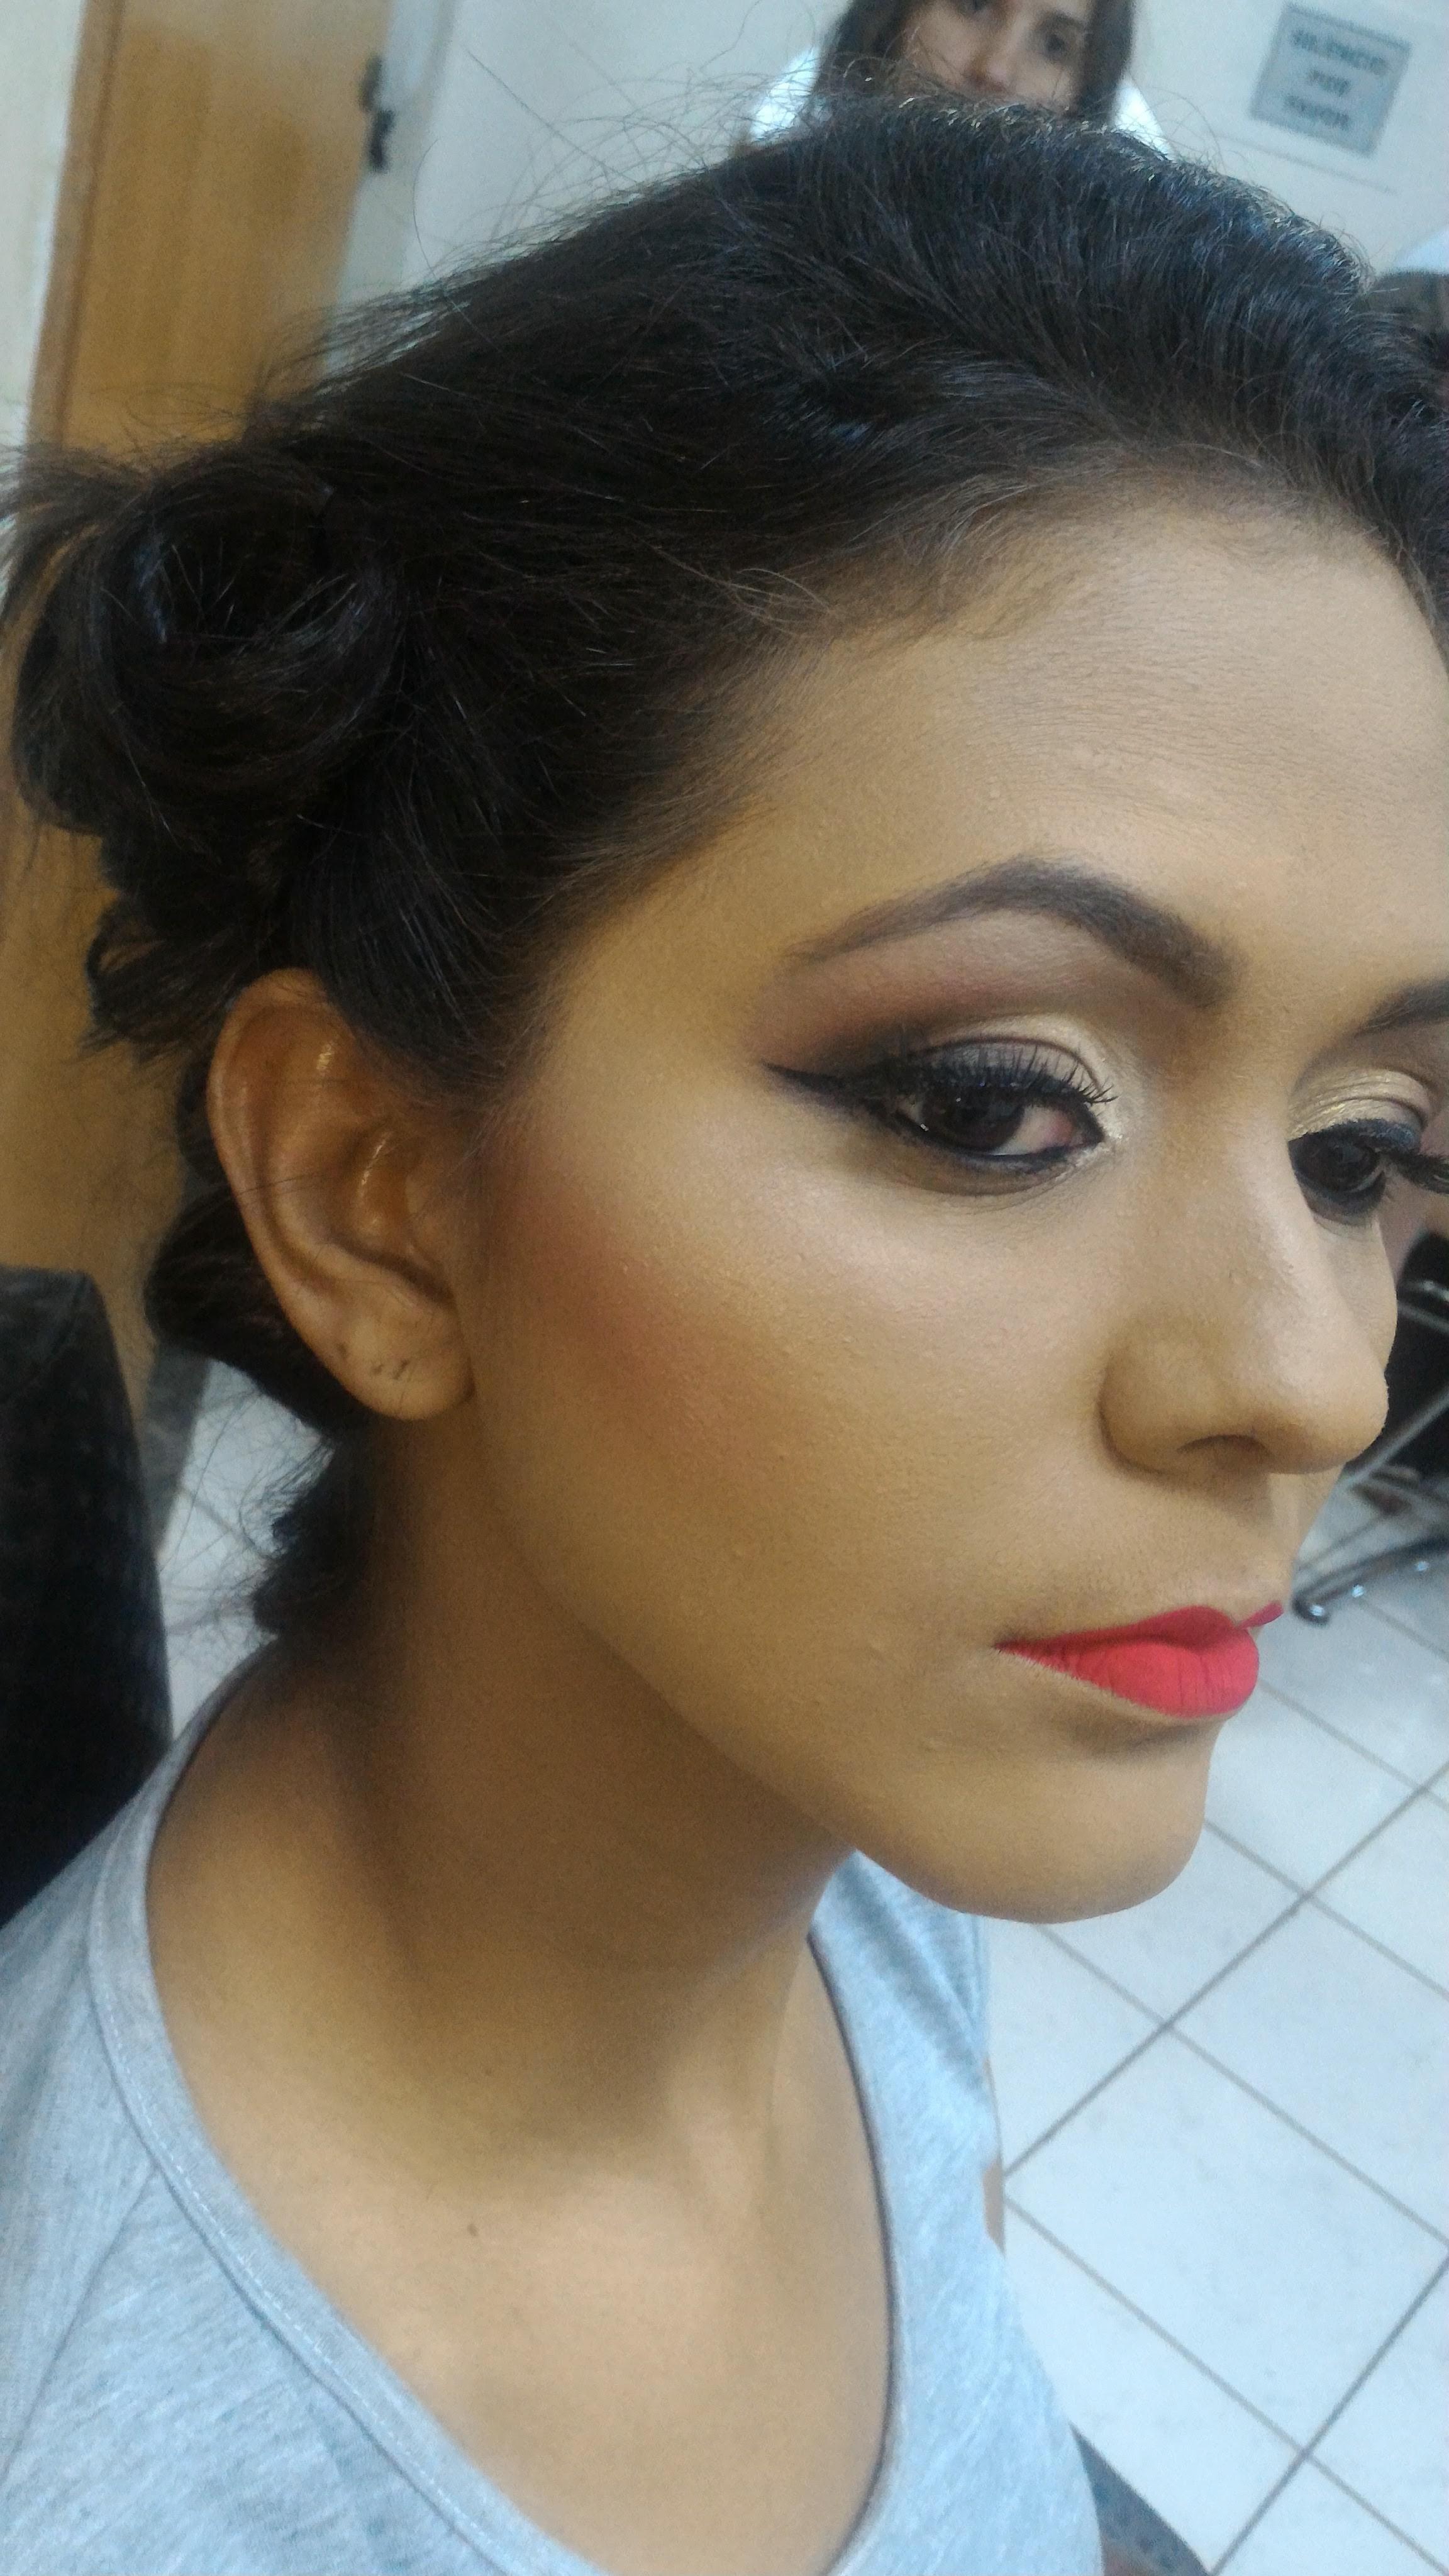 Atendimento com hora marcada 👈 #maquiagem #makeup #makeupartist #maquiadora #maquiadoragoiania #goiania #gyn #ilovemakeup #instalike #instamake #brasil #amazing #madrinhaslindas #noivas #madrinhasnohorario #amomeutrabalho #mua #dcebeleza #pretty #equipedeproducao#maisgoias #maisbelasdegoias #loucaspormaquiagem #maquiagembrasil  #umamaquiagem #maisvaidosa  #semfiltro maquiagem maquiador(a)